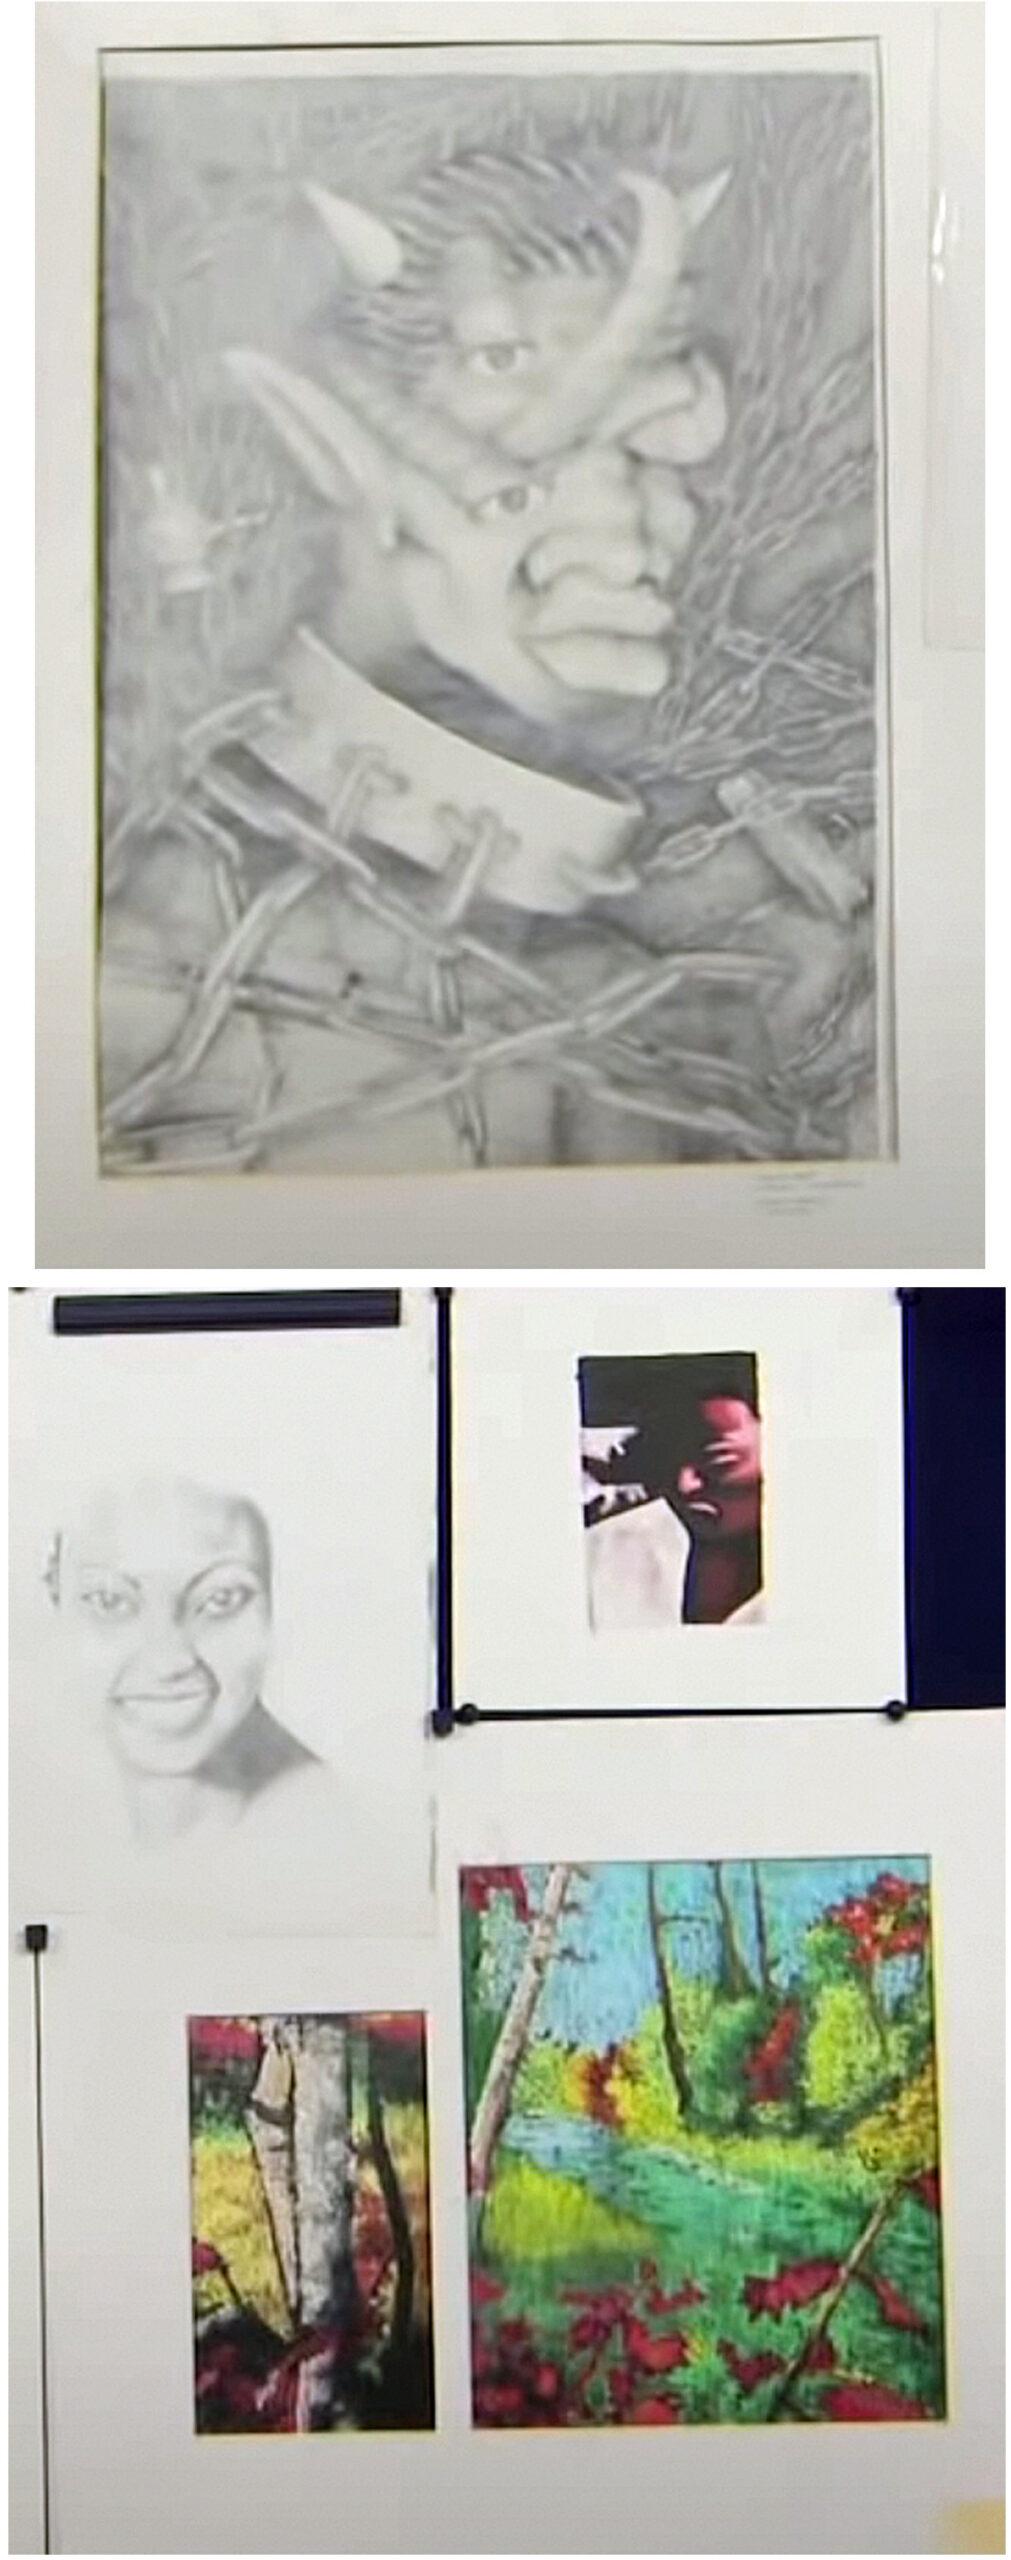 Kunst laget av unge Kanye West (PBS)